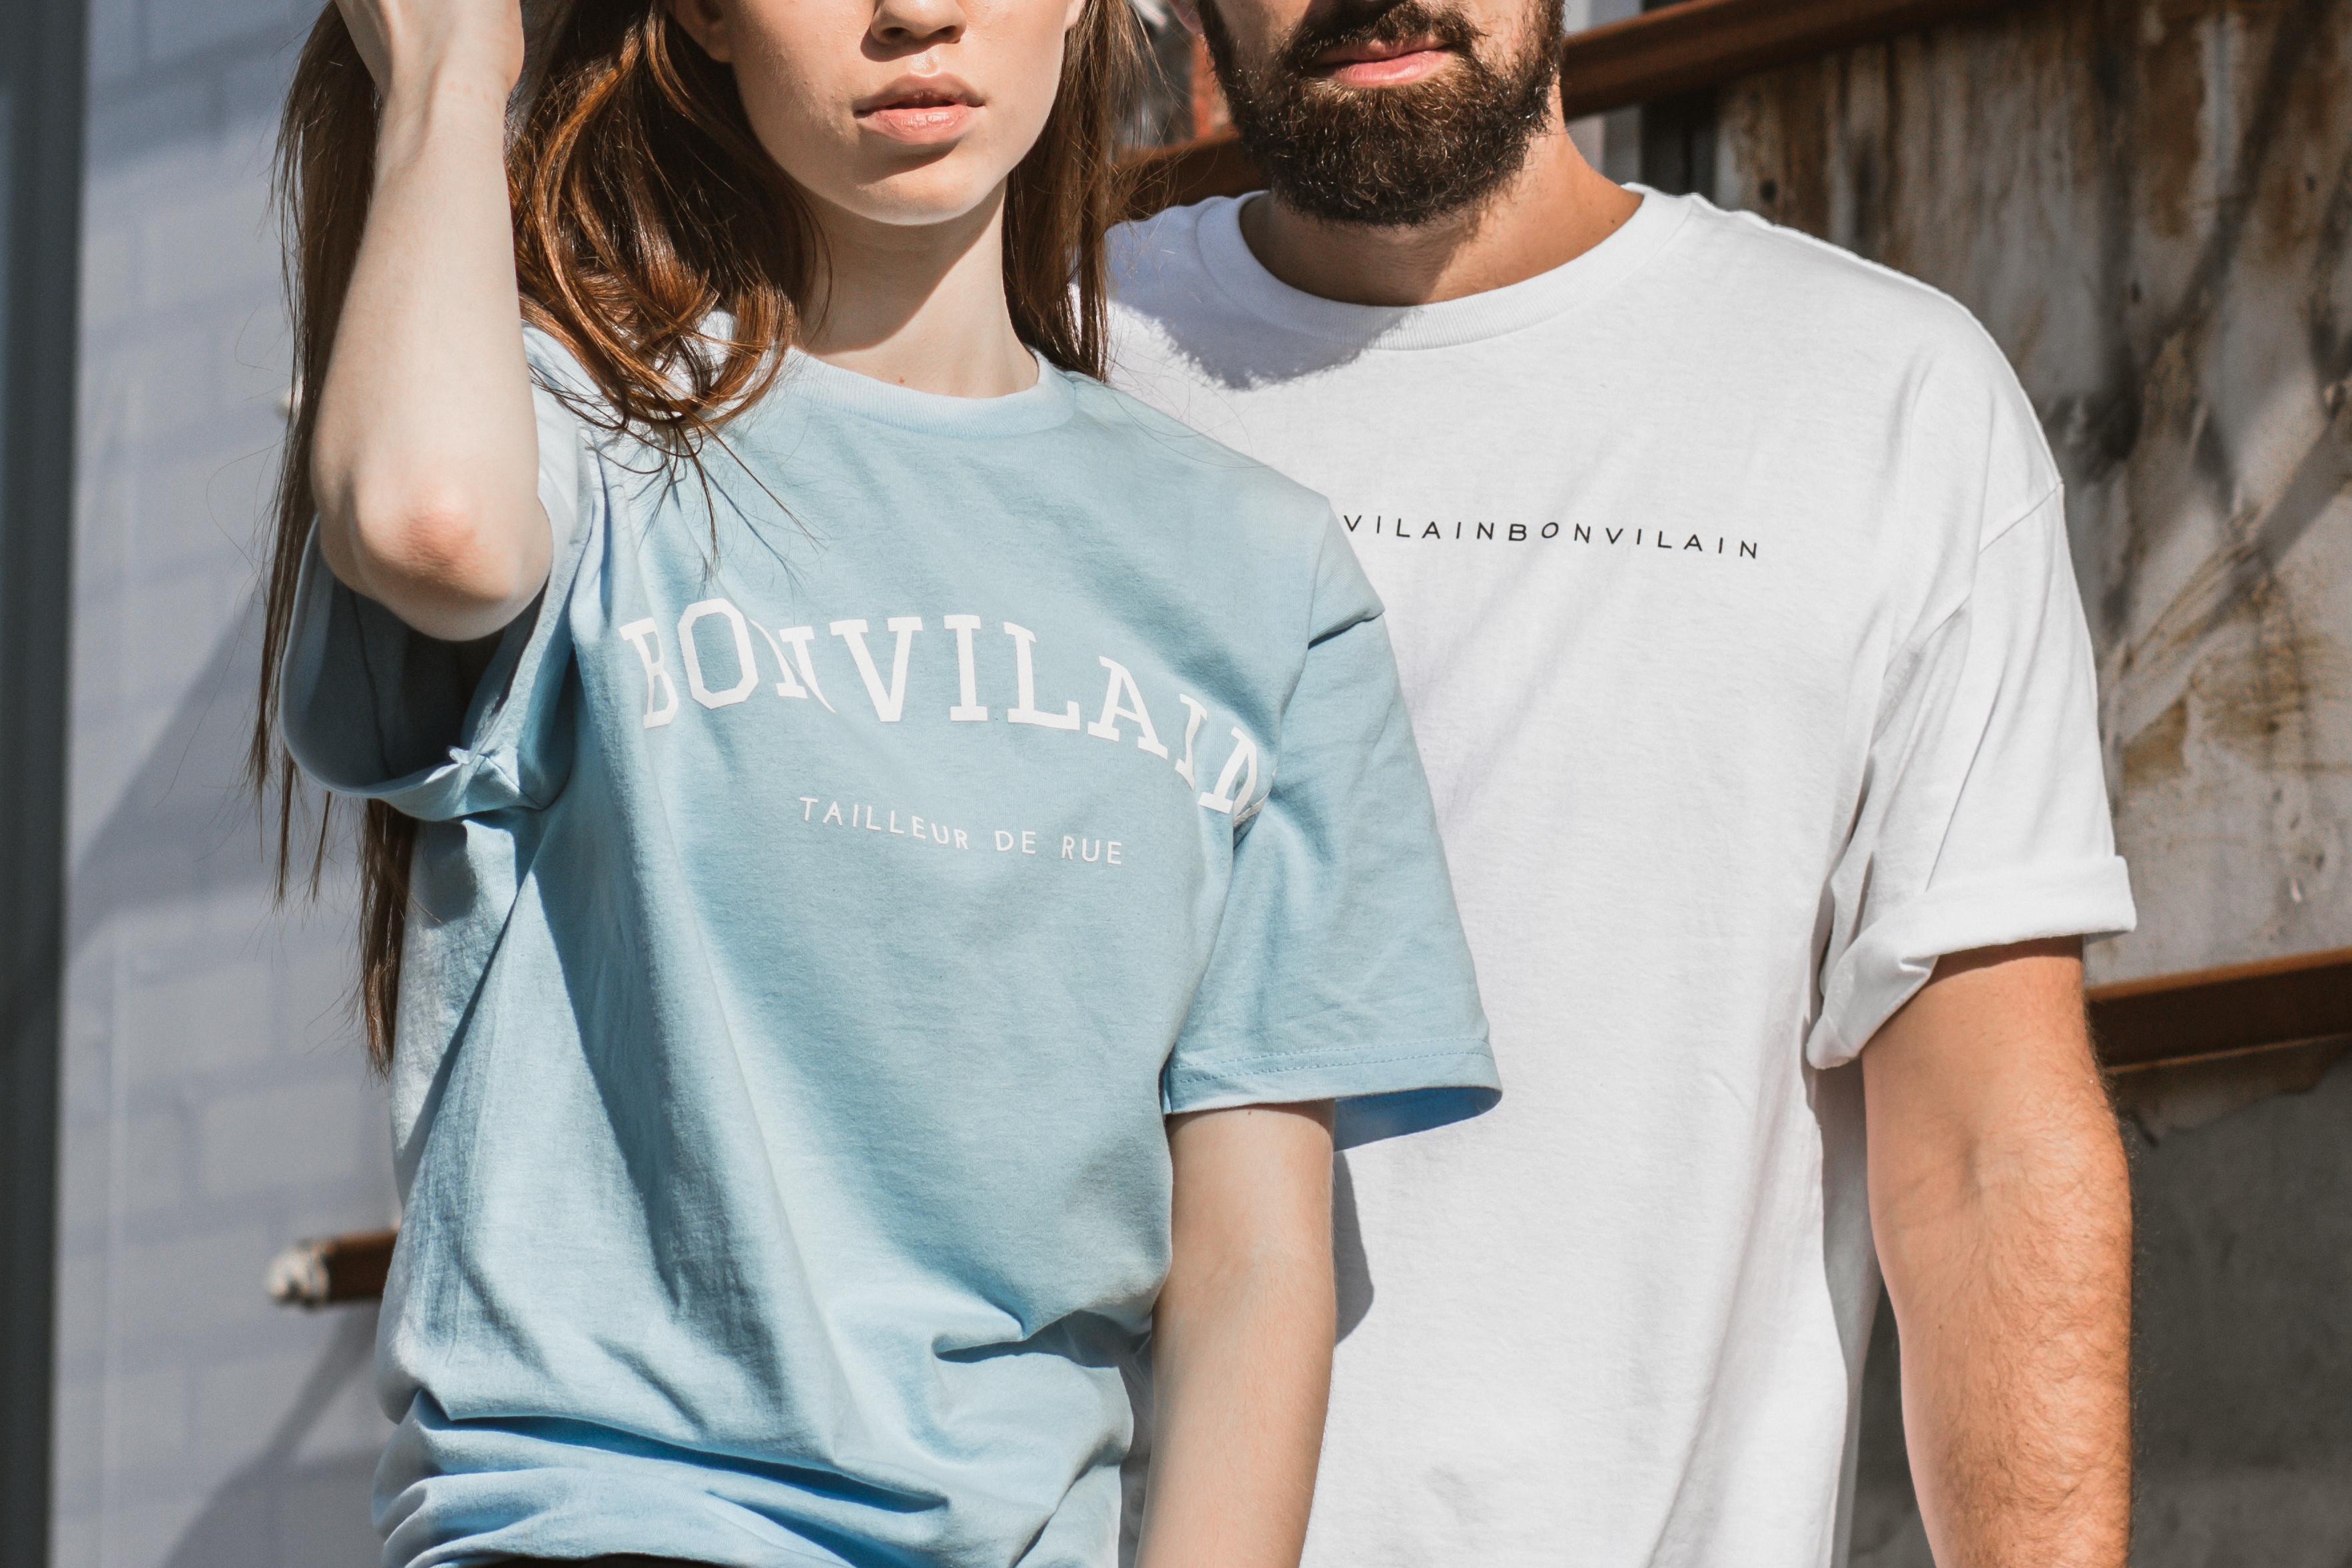 La collection Automne-Hiver Bonvilain